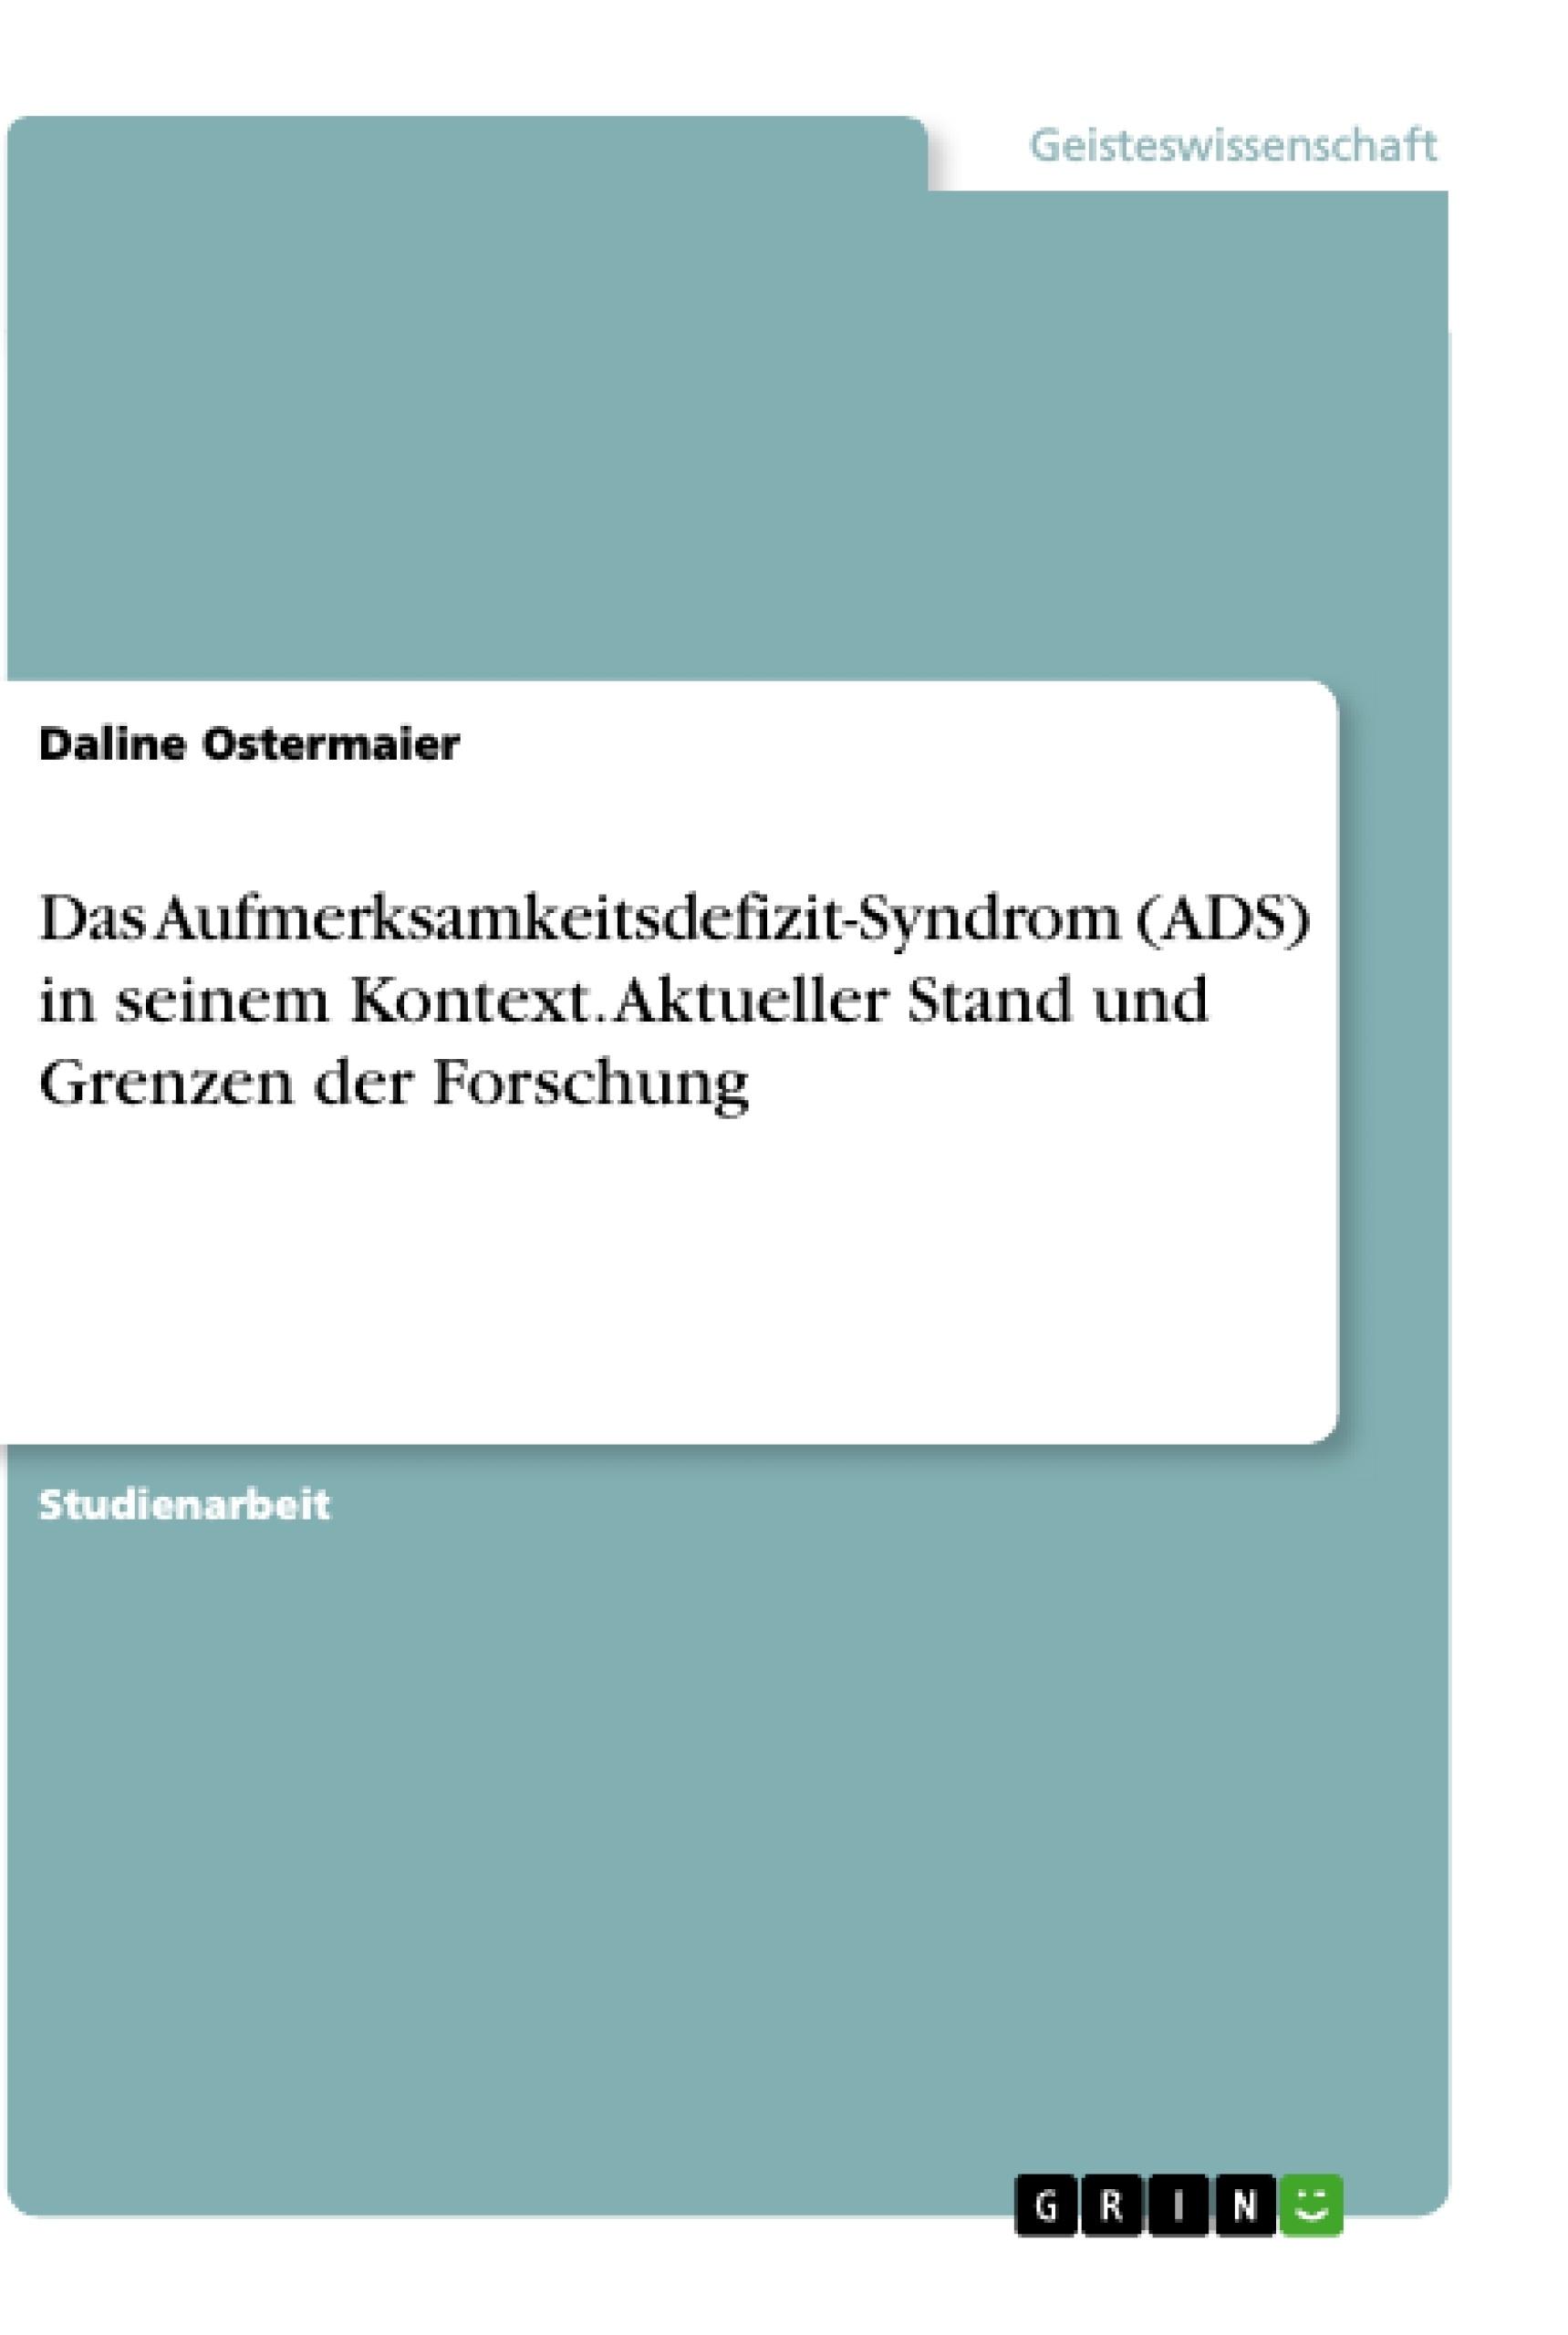 Titel: Das Aufmerksamkeitsdefizit-Syndrom (ADS) in seinem Kontext. Aktueller Stand und Grenzen der Forschung